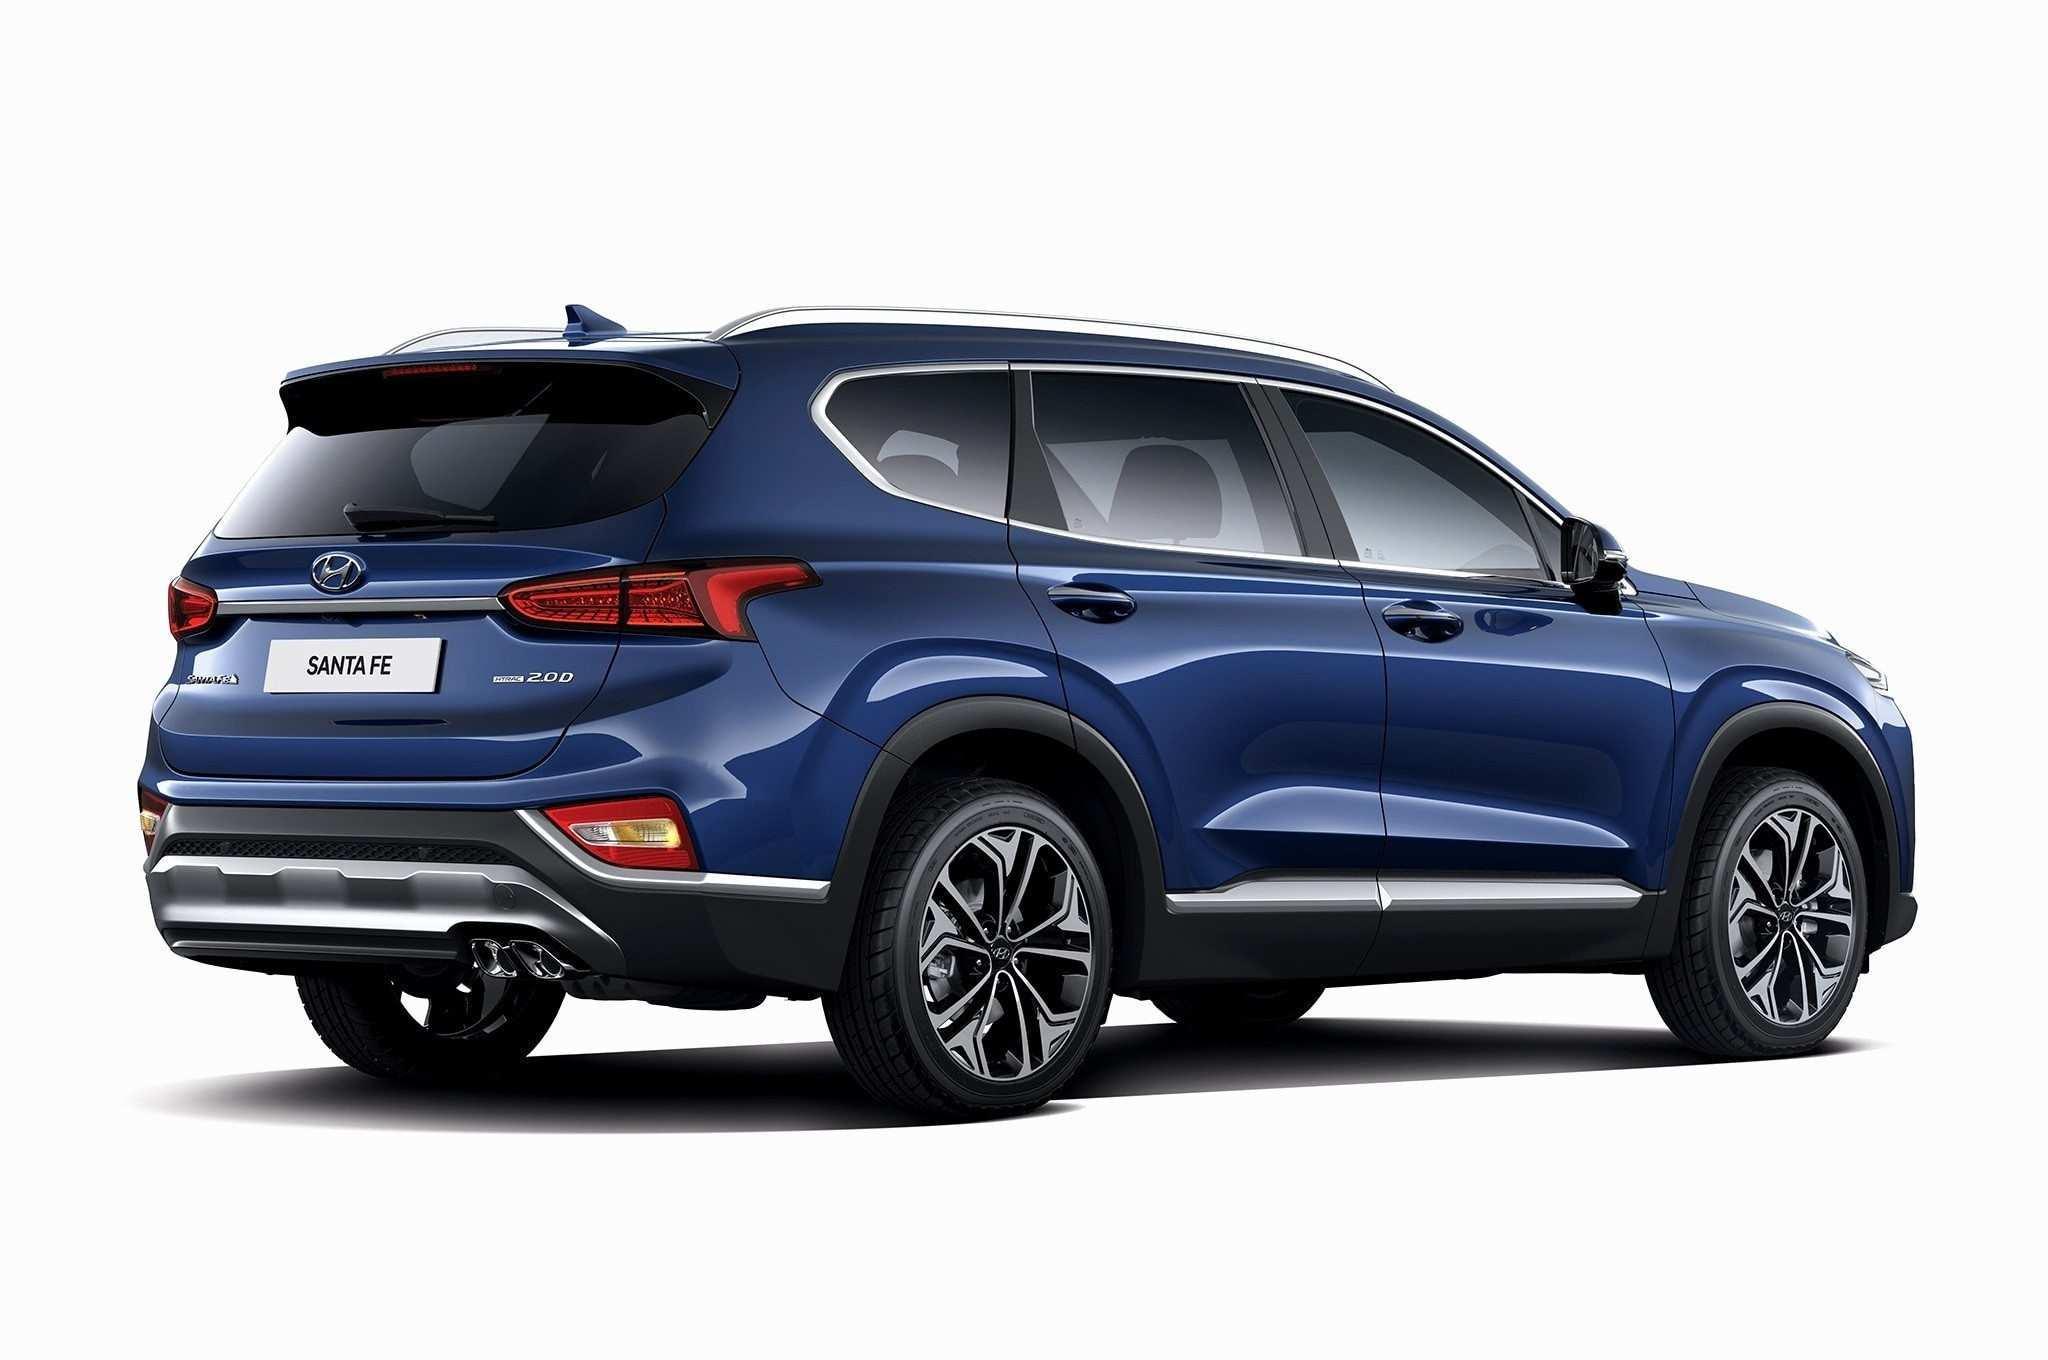 30 Best Review Nissan Kicks 2020 Preço Model for Nissan Kicks 2020 Preço